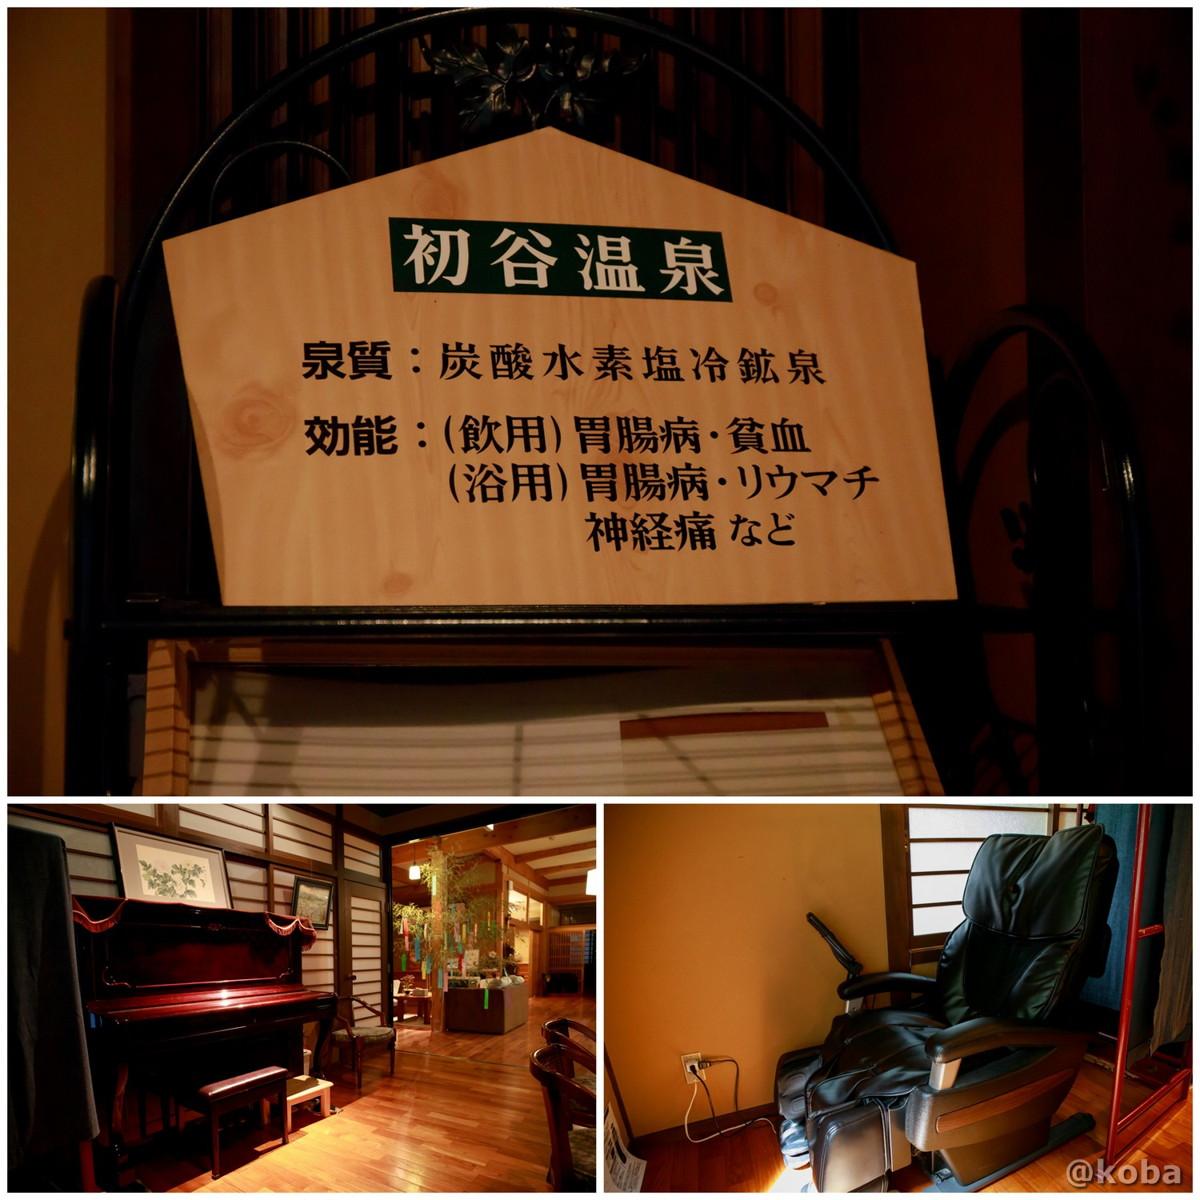 ピアノとマッサージチェアの写真 内山峠 初谷温泉(うちやまとうげ しょやおんせん) 長野県佐久市 日本秘湯を守る会